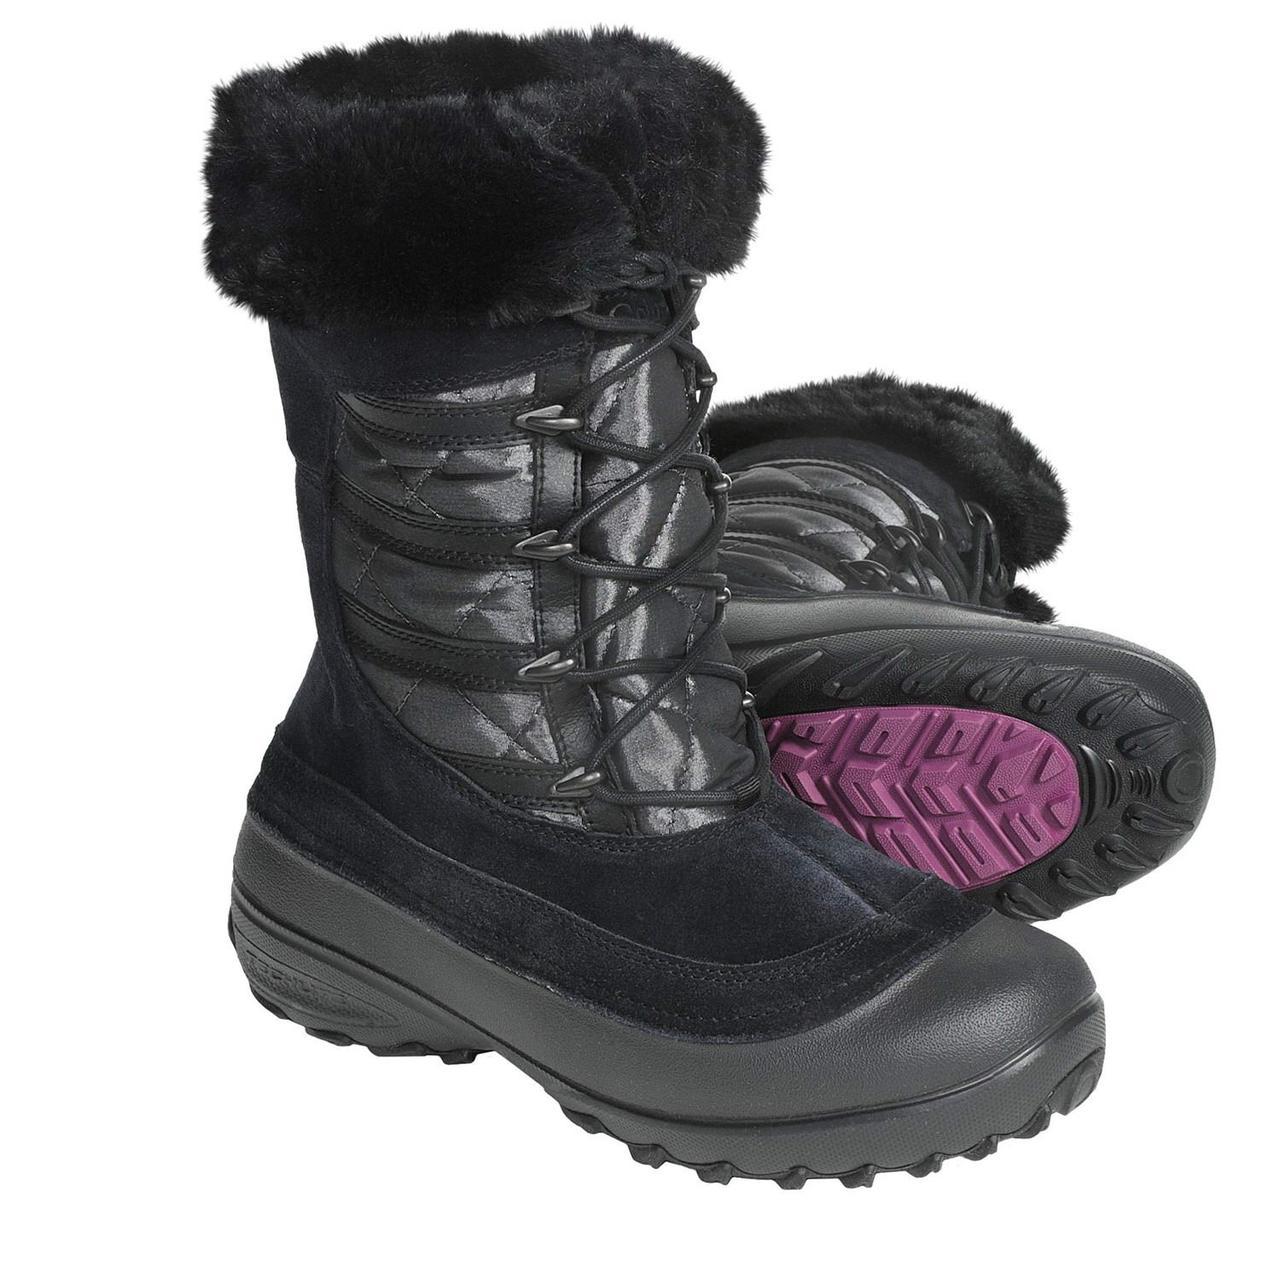 Сапоги зимние для девочки Columbia Women's Slopeside Omni-Heat Boot